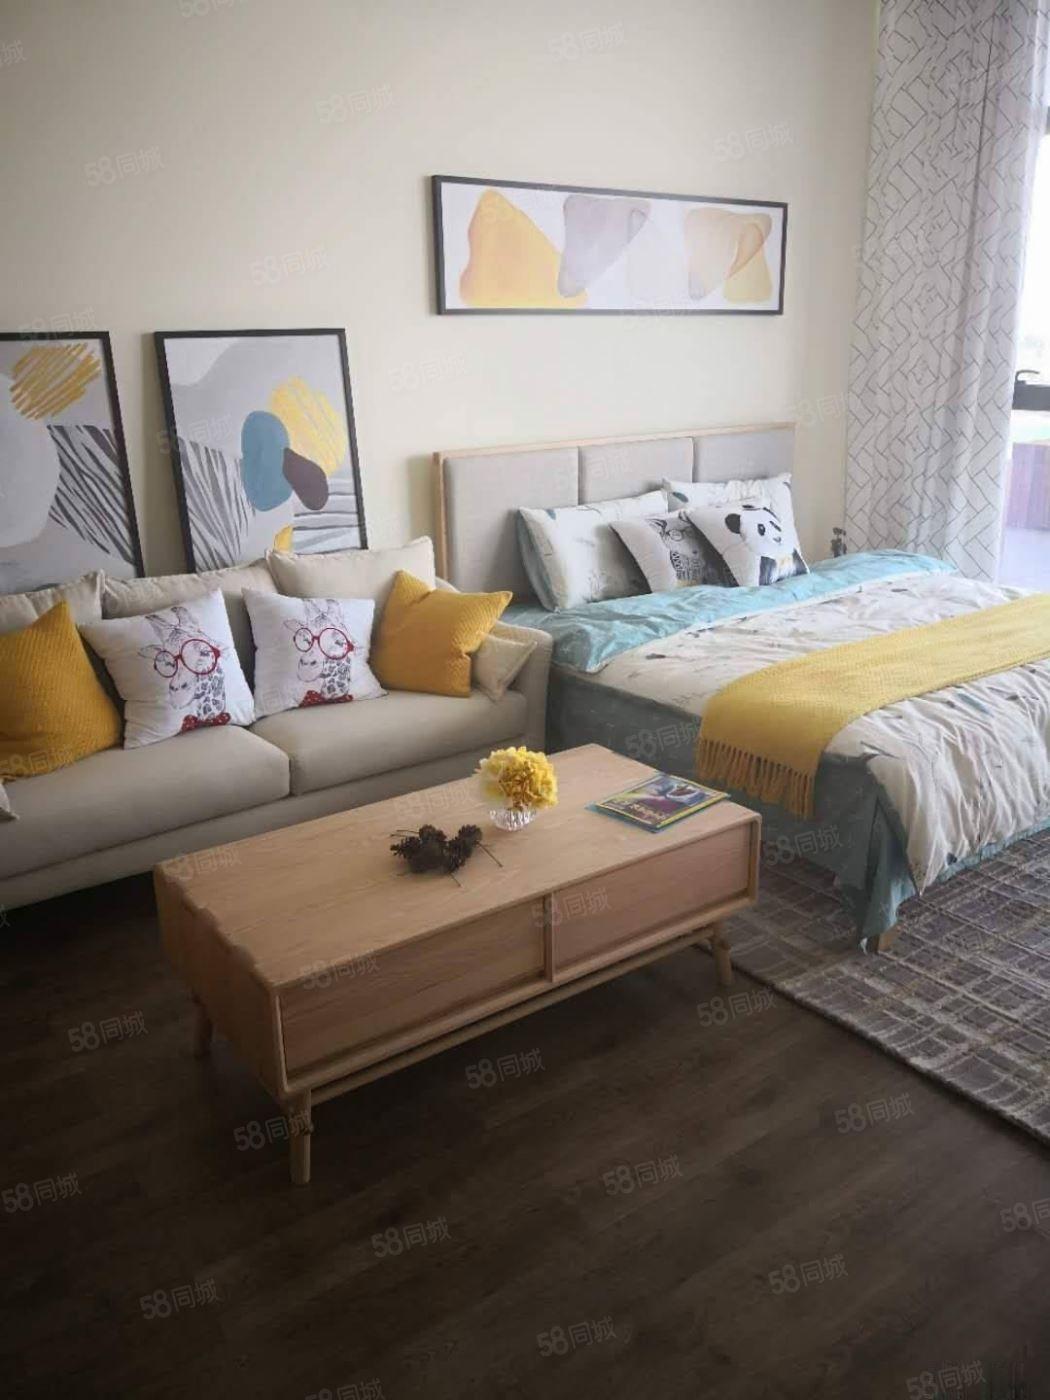 抚仙湖广龙滇中一旅游小镇,云南旅游会客厅,再售精装小公寓